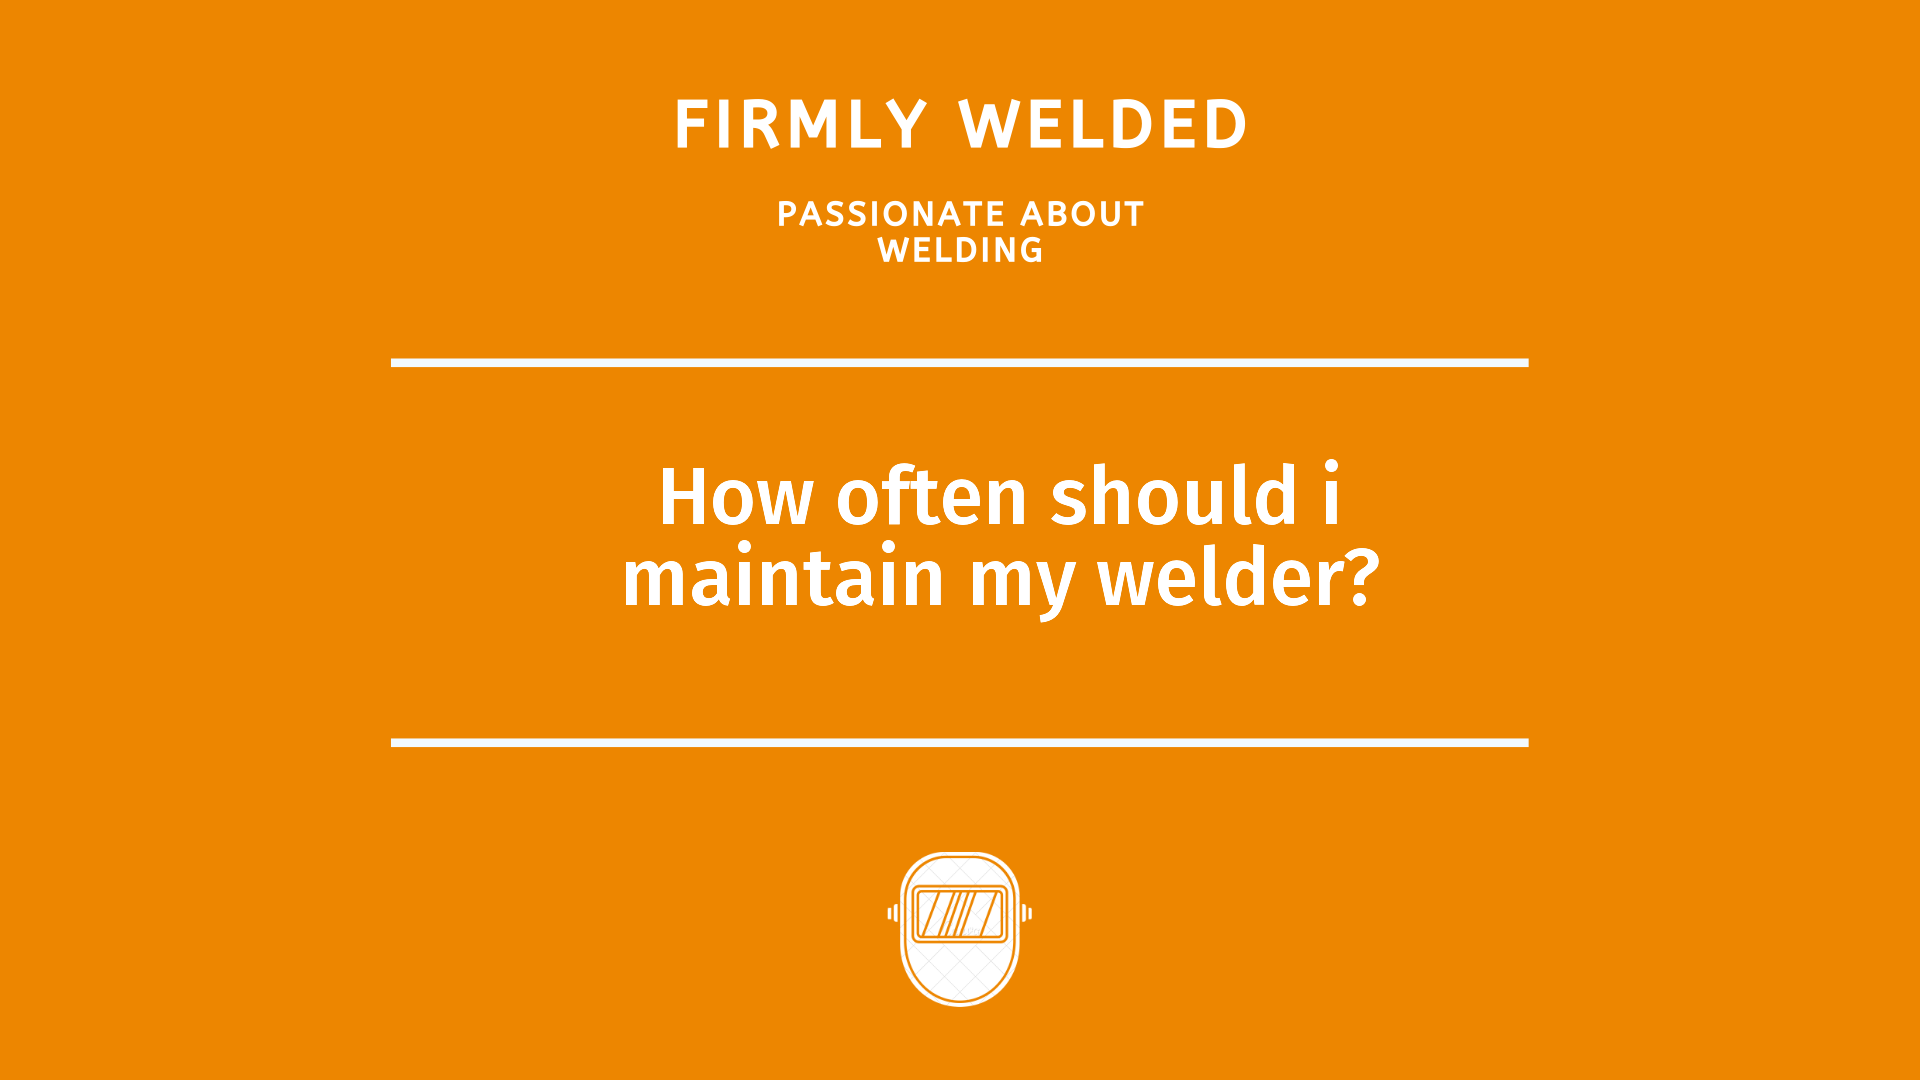 How often should i maintain my welder?